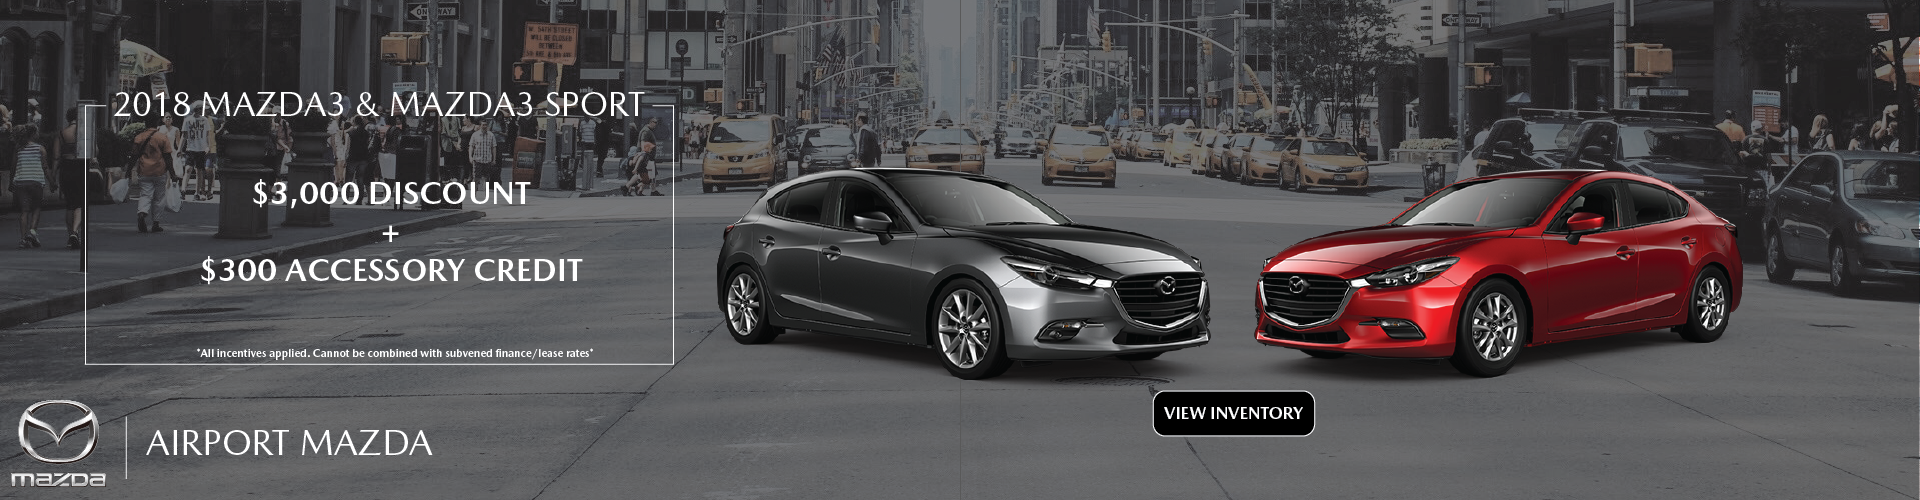 Mazda 3 discount mai 2019